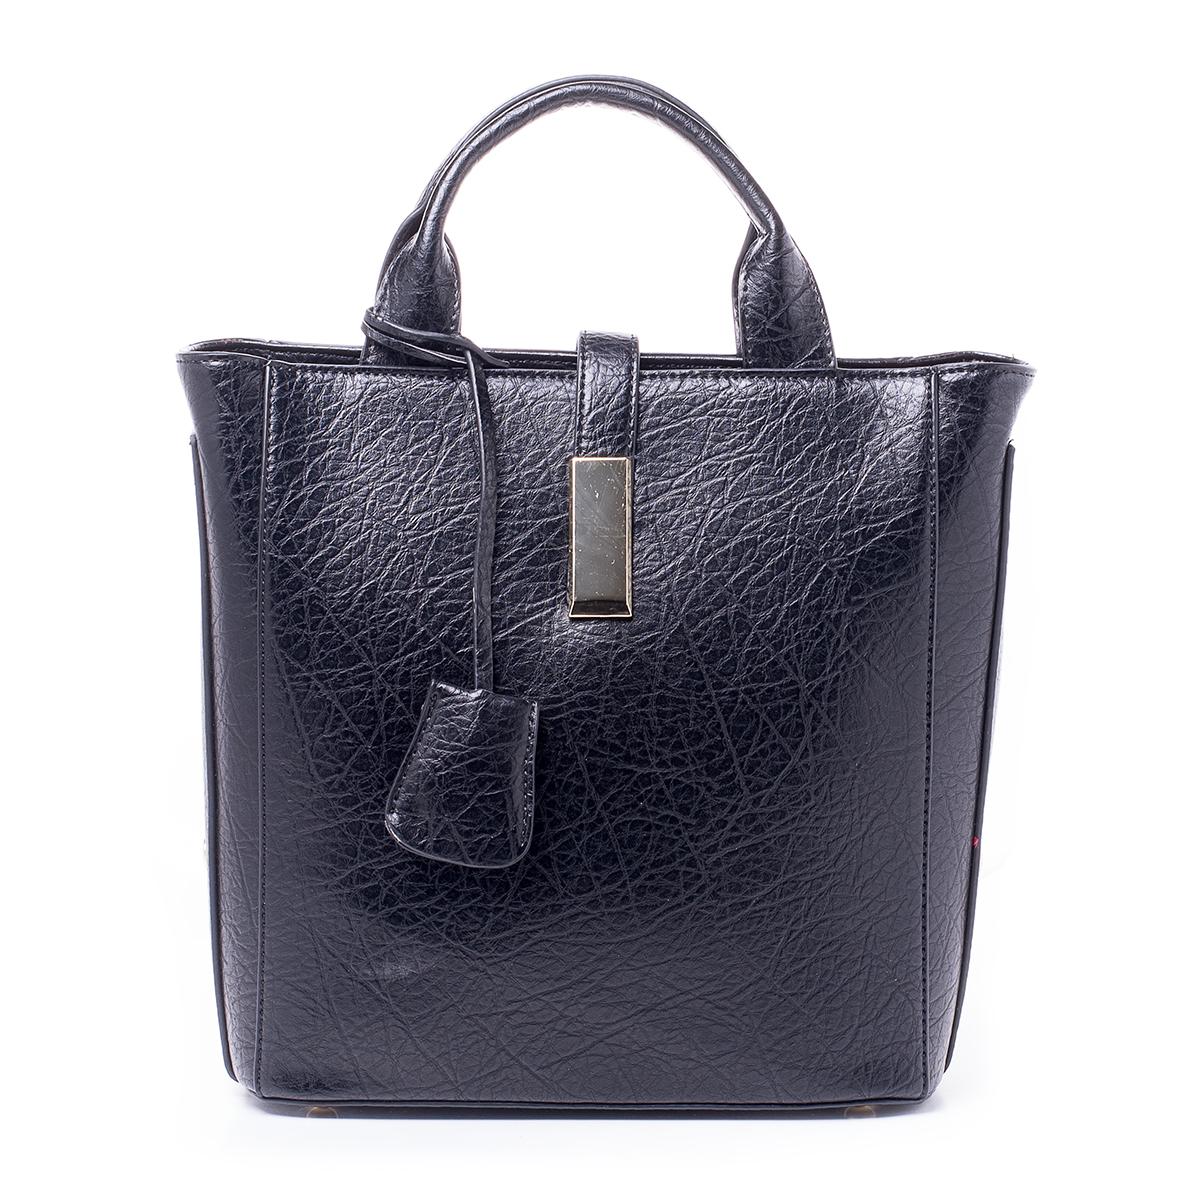 Сумка женская Baggini, цвет: черный. 29841/1029841/10Загрязнения на изделиях удаляется влажной мягкой тканью